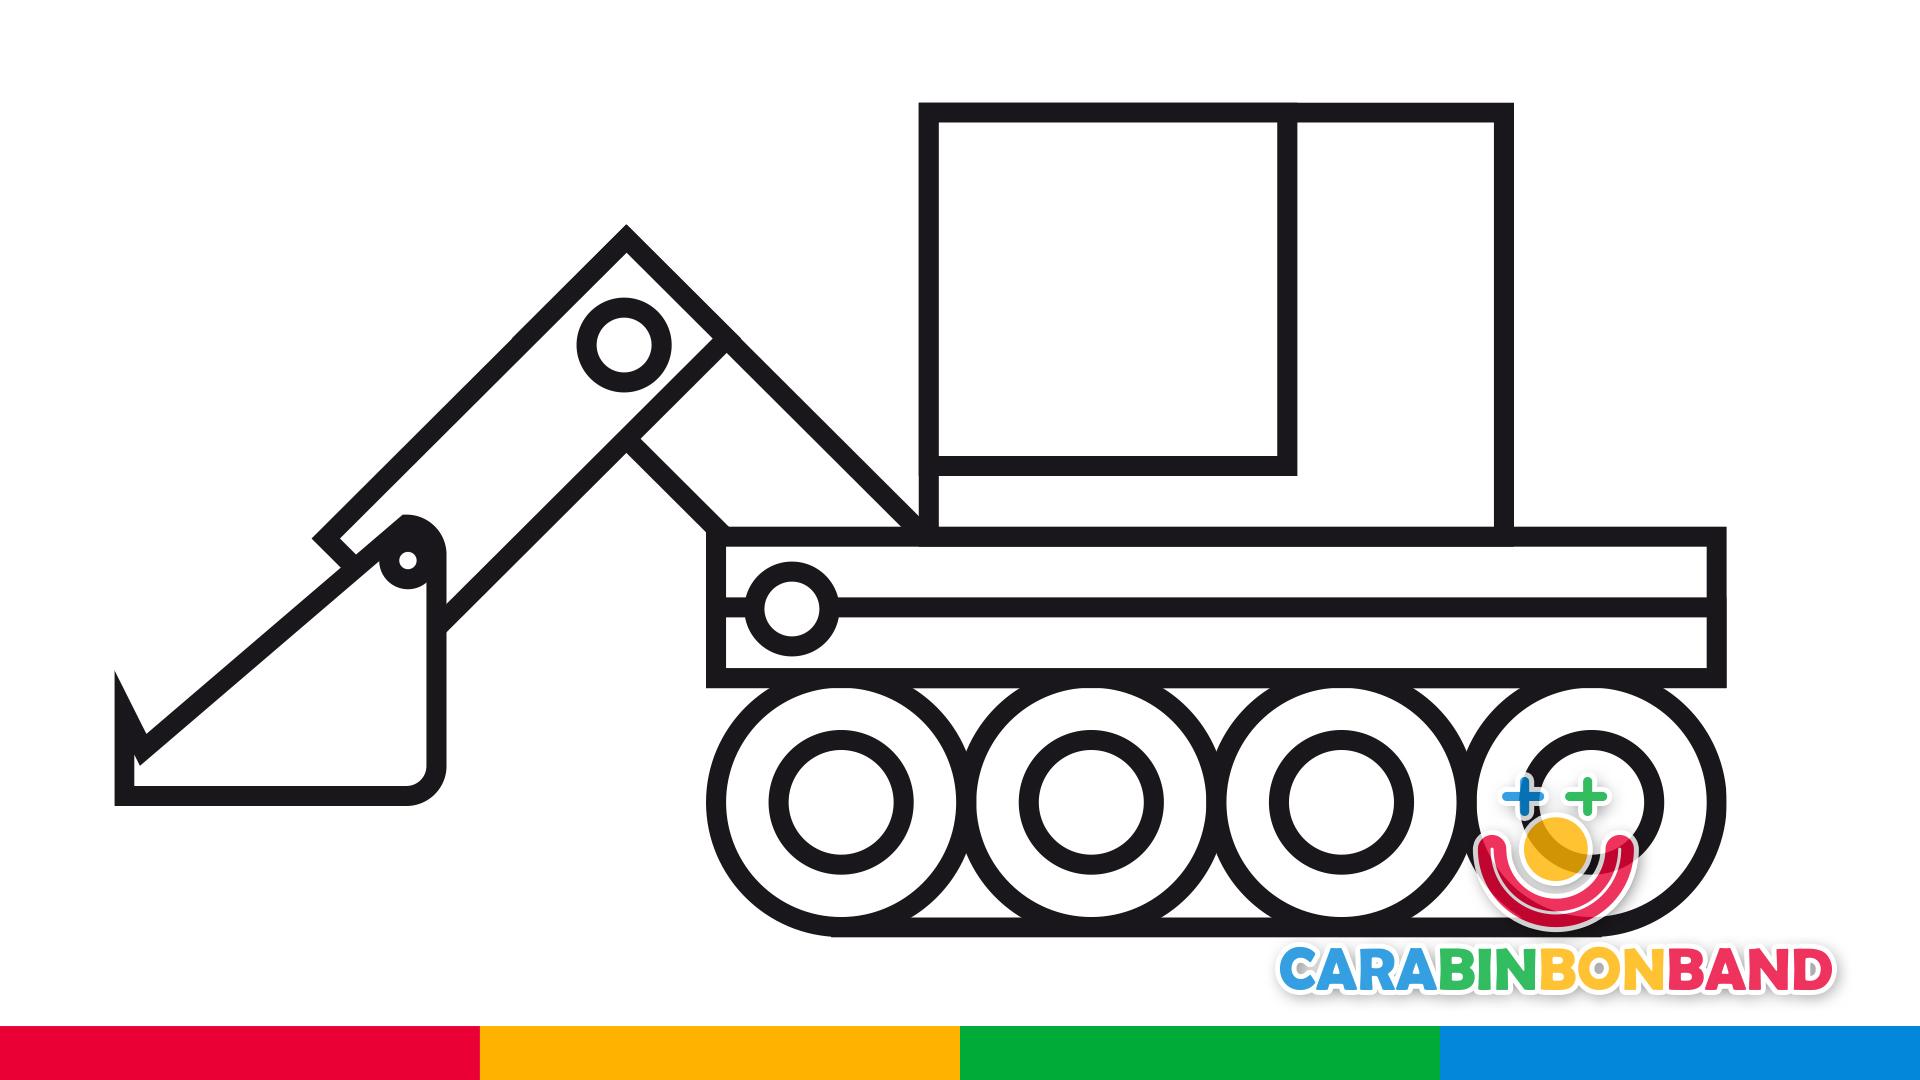 Dibujos fáciles - cómo dibujar una máquina excavadora fácil para niños